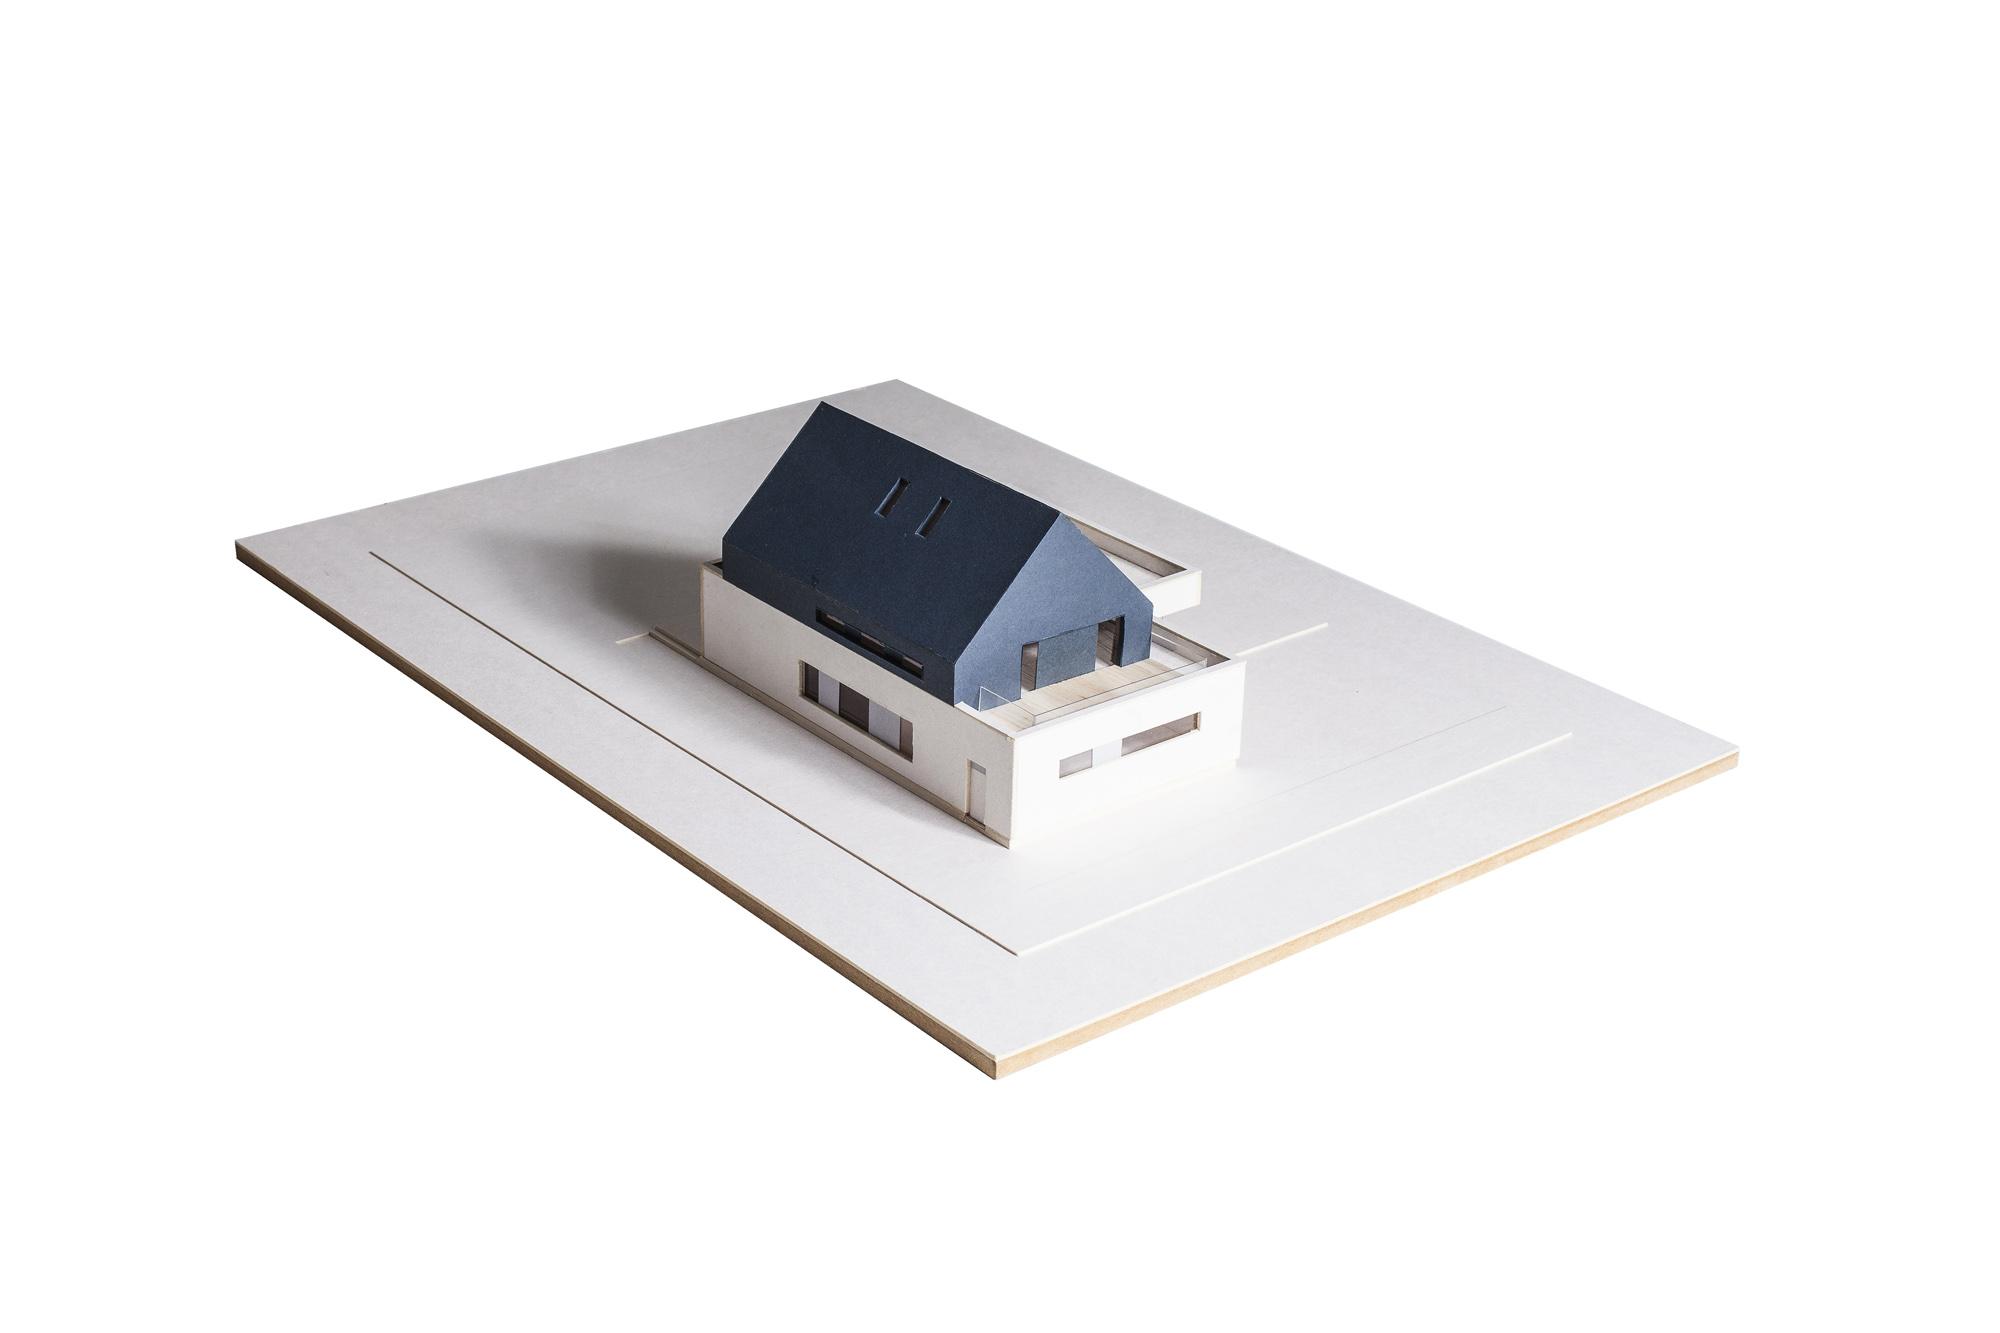 MLC-ZLO-dom-model-07w copy